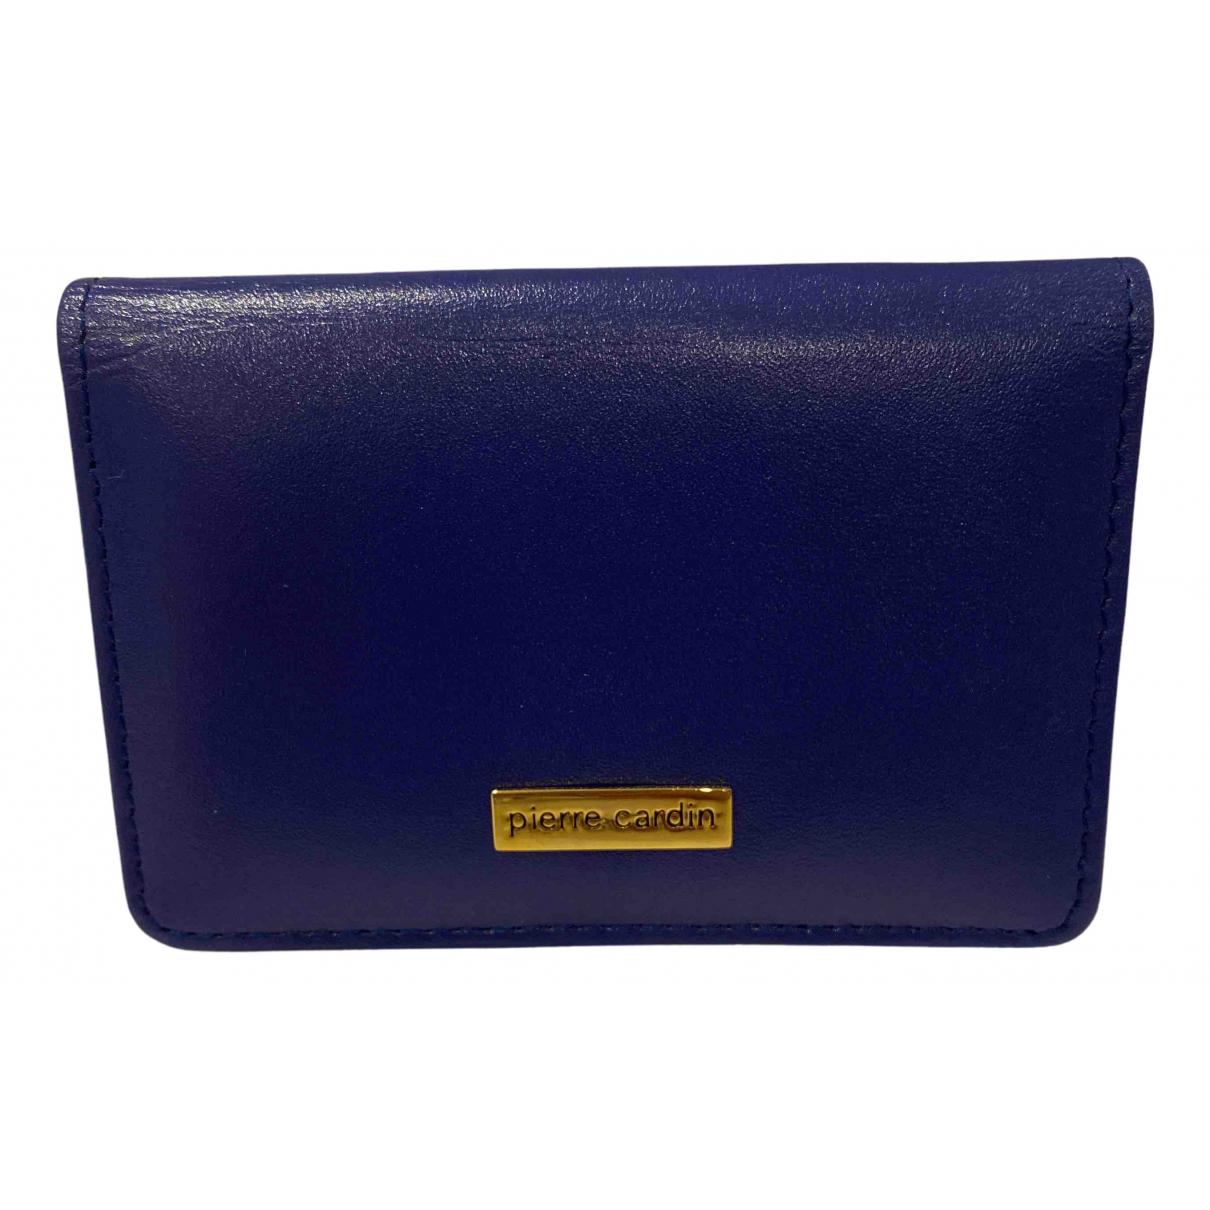 Pierre Cardin - Petite maroquinerie   pour femme en cuir - bleu